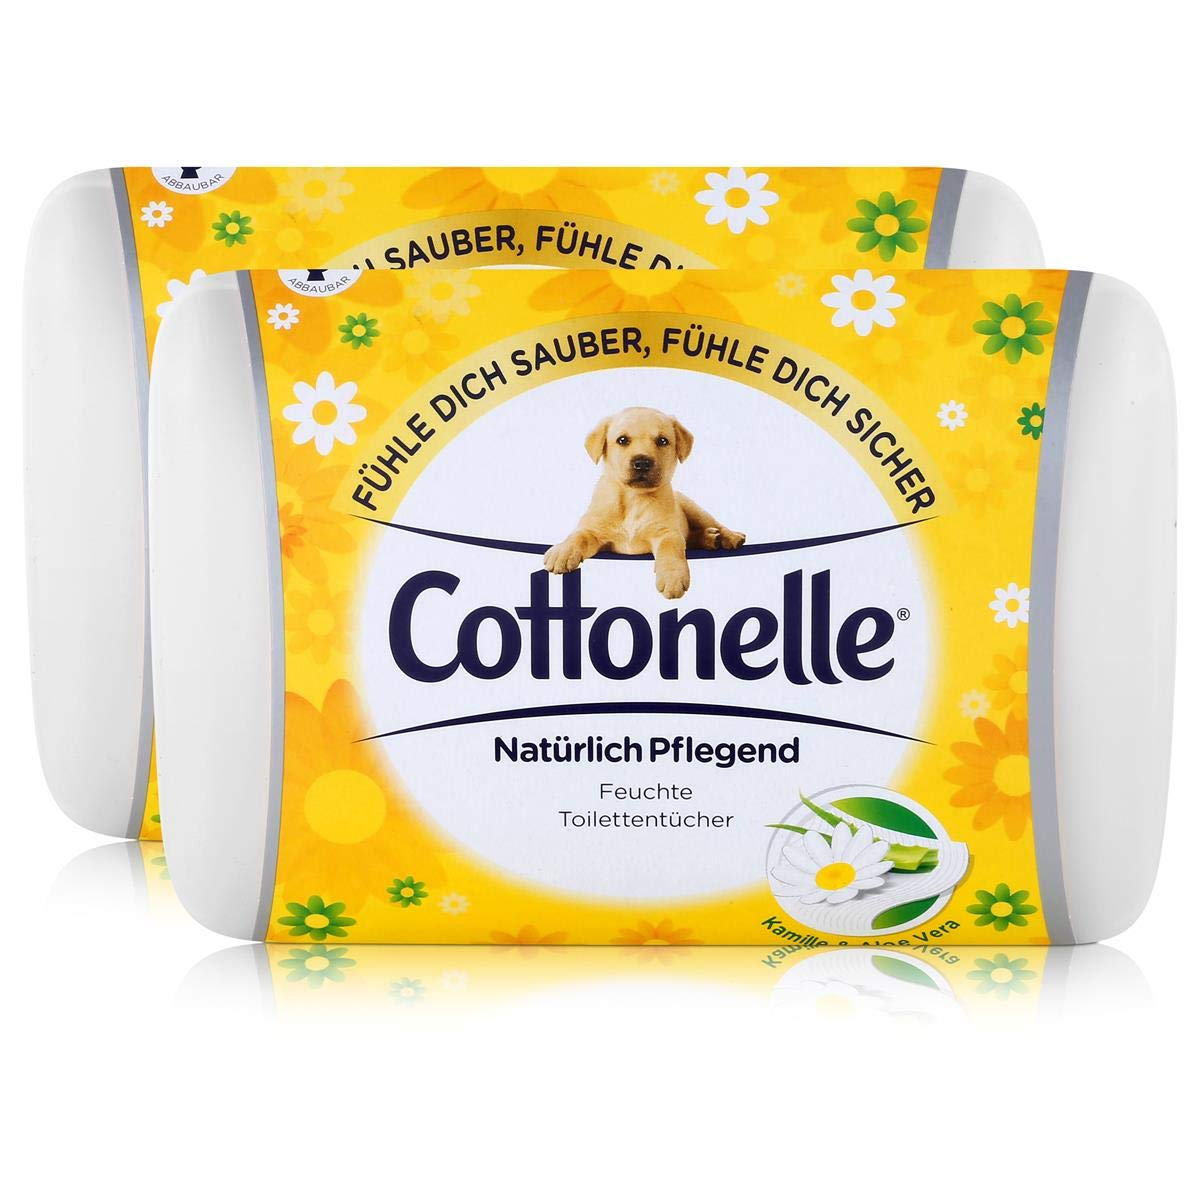 2x Cottonelle feuchte Toilettentücher Mein Spa Erlebnis 42 Tücher